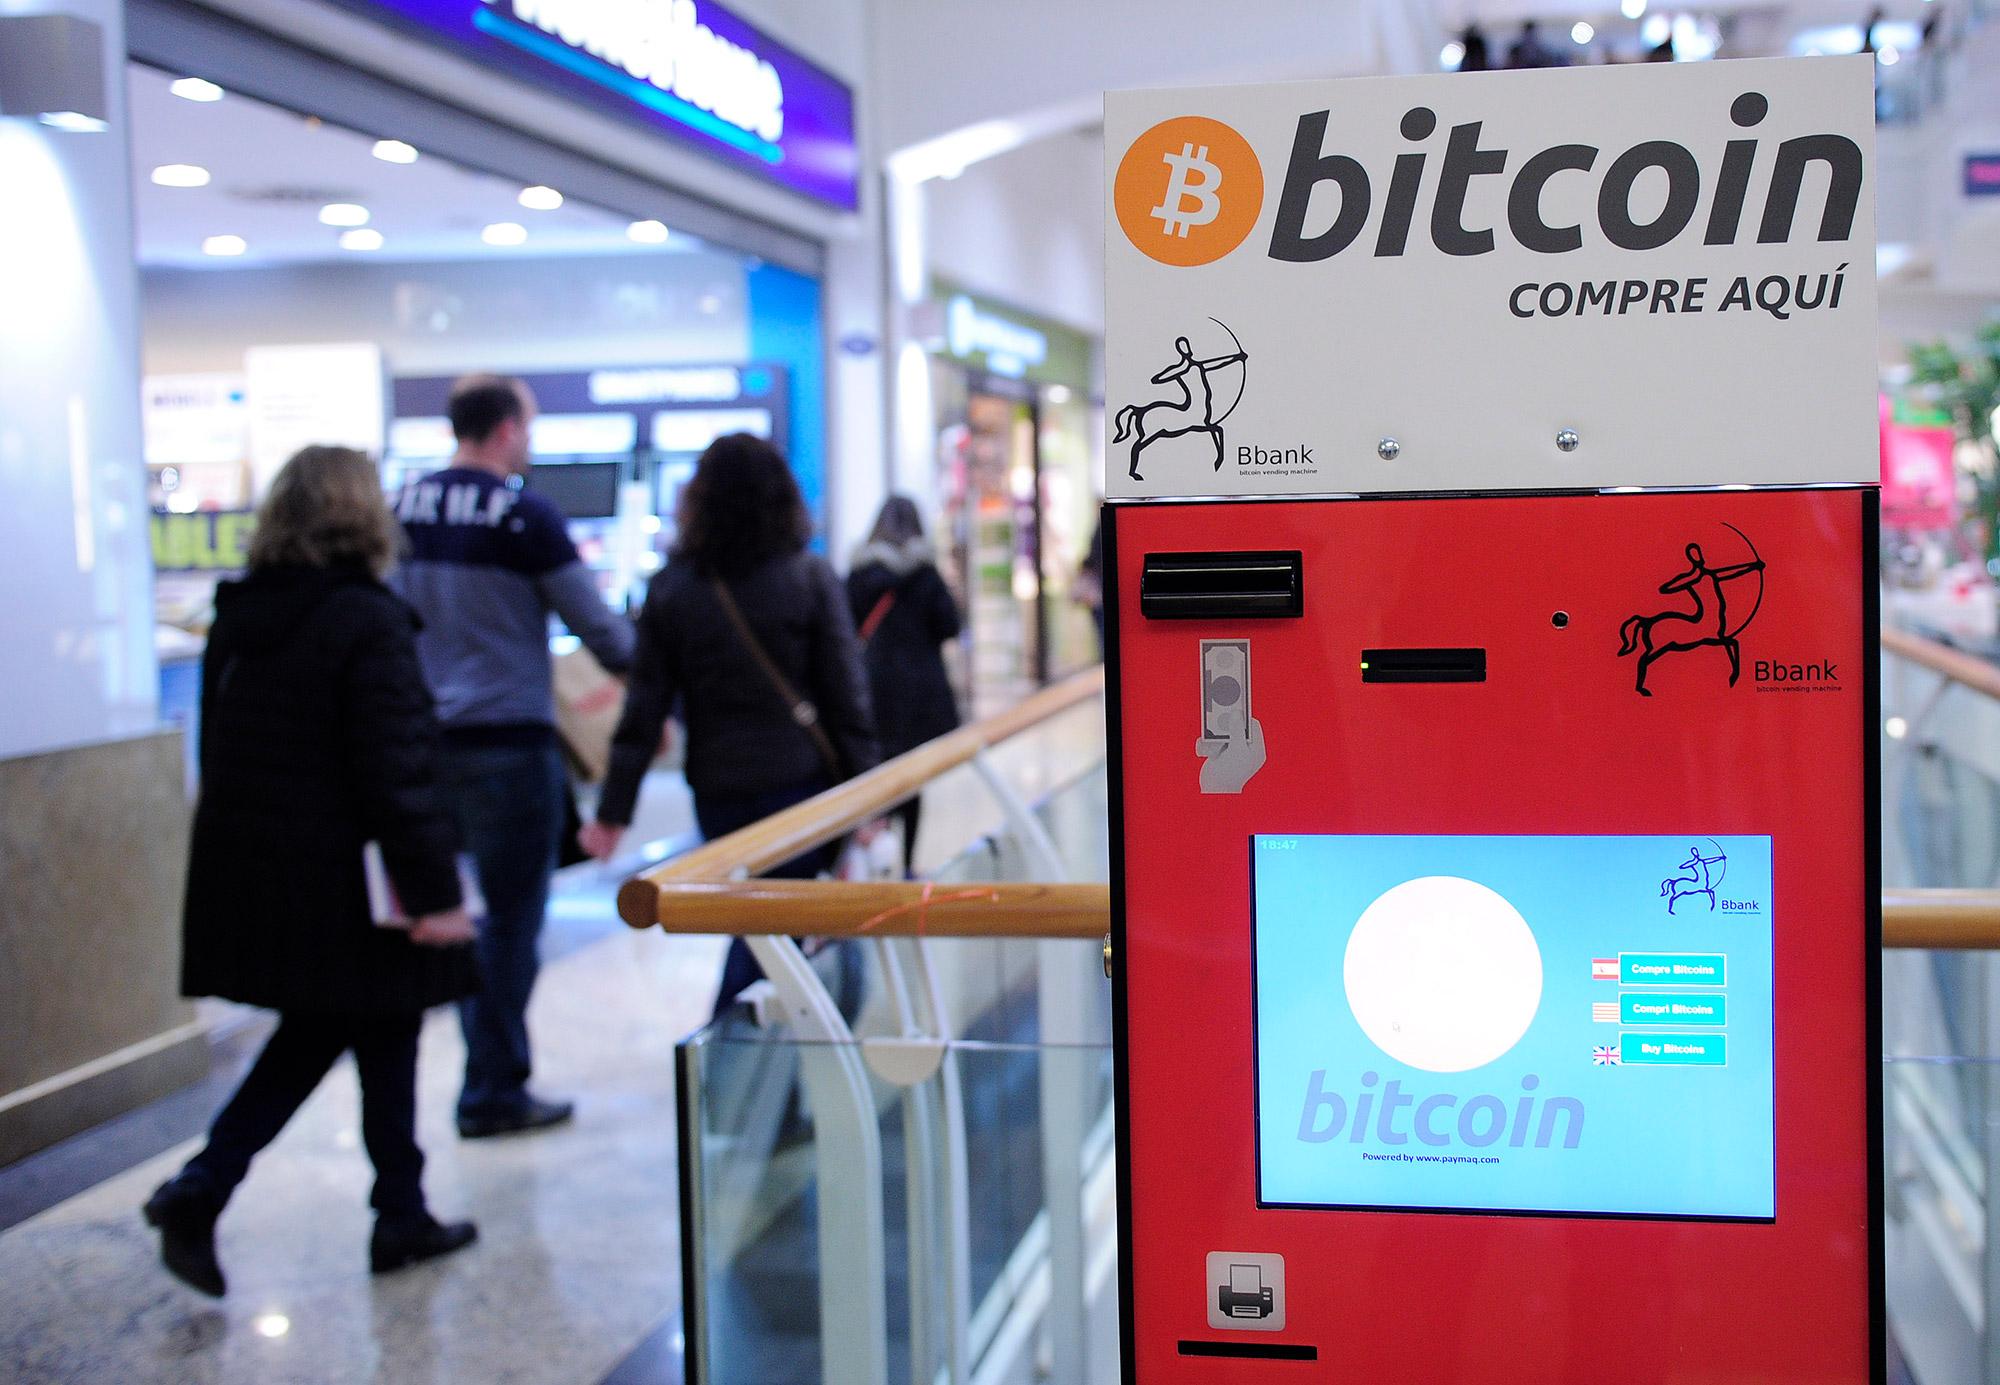 Cum a apărut Bitcoin, cum funcționează și cum poți cumpăra moneda în România | Romania Libera